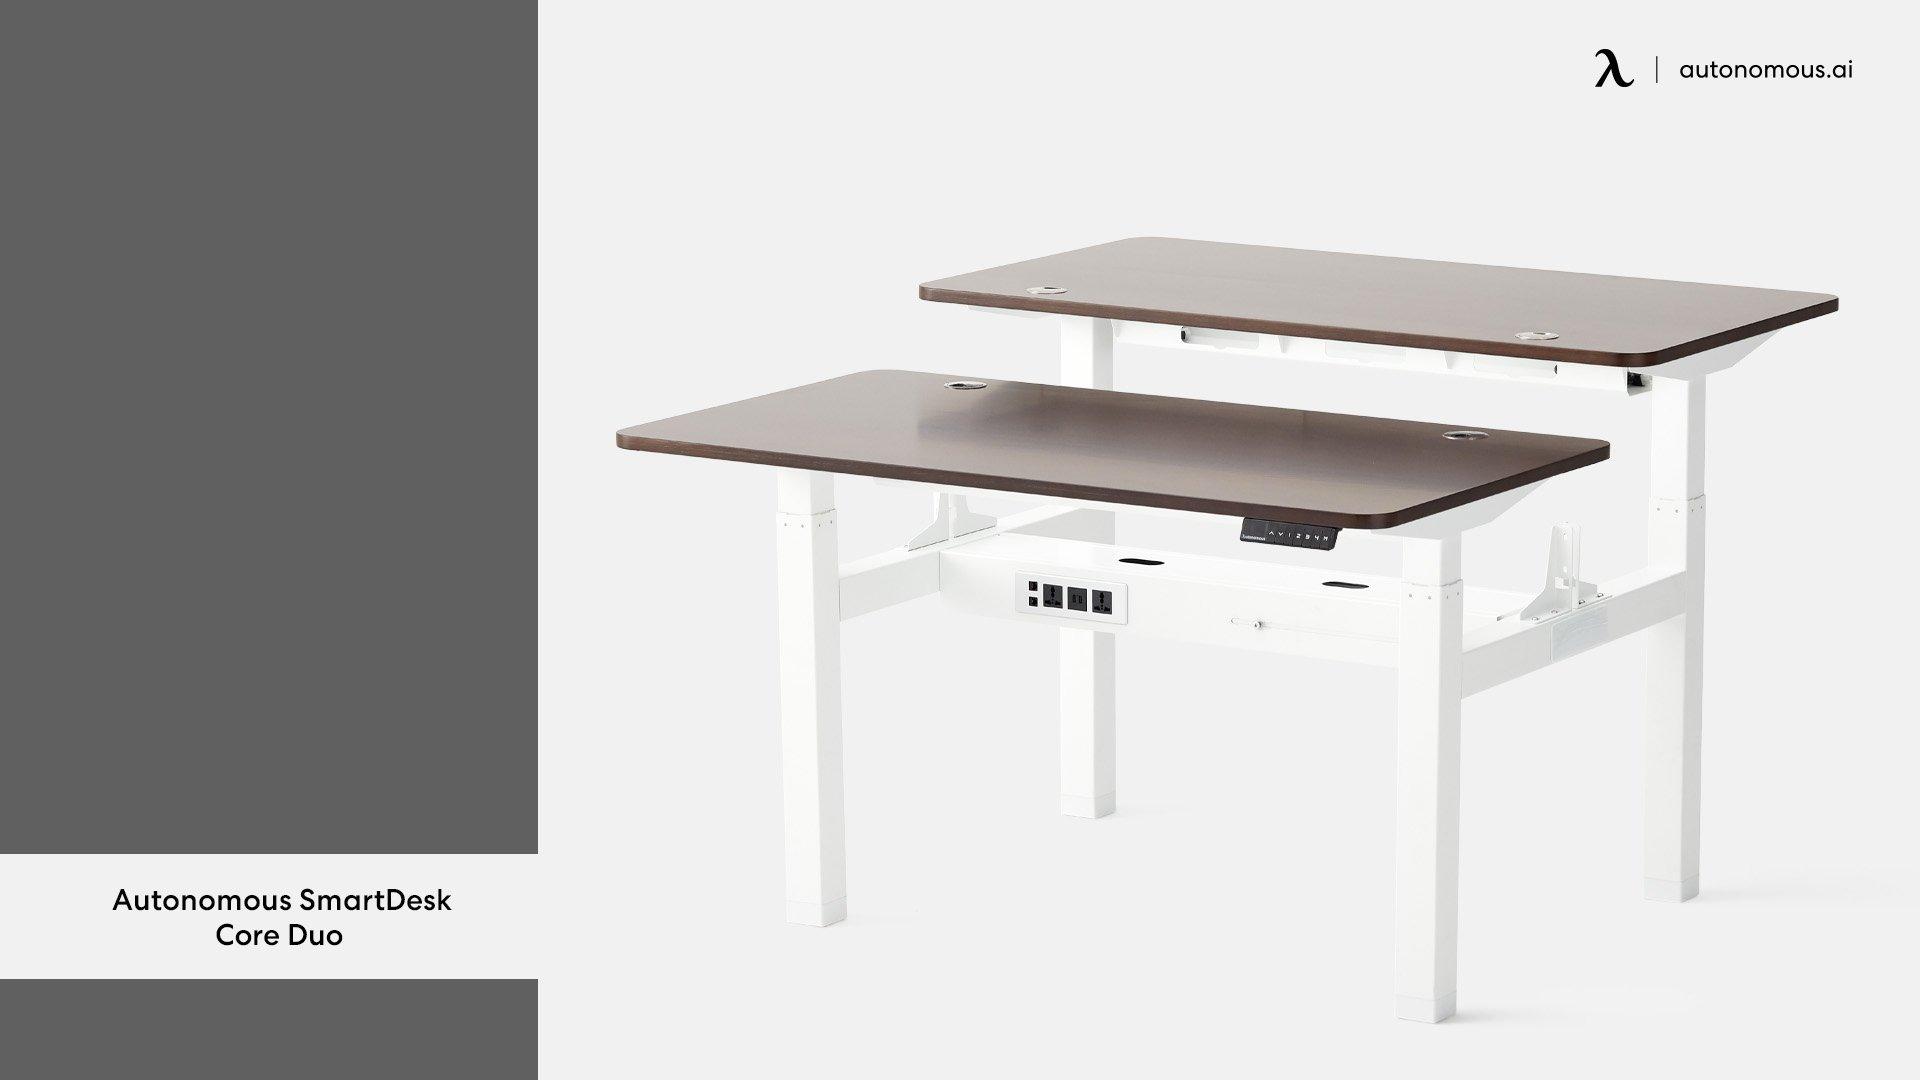 Autonomous SmartDesk Core Duo (Double Desk)